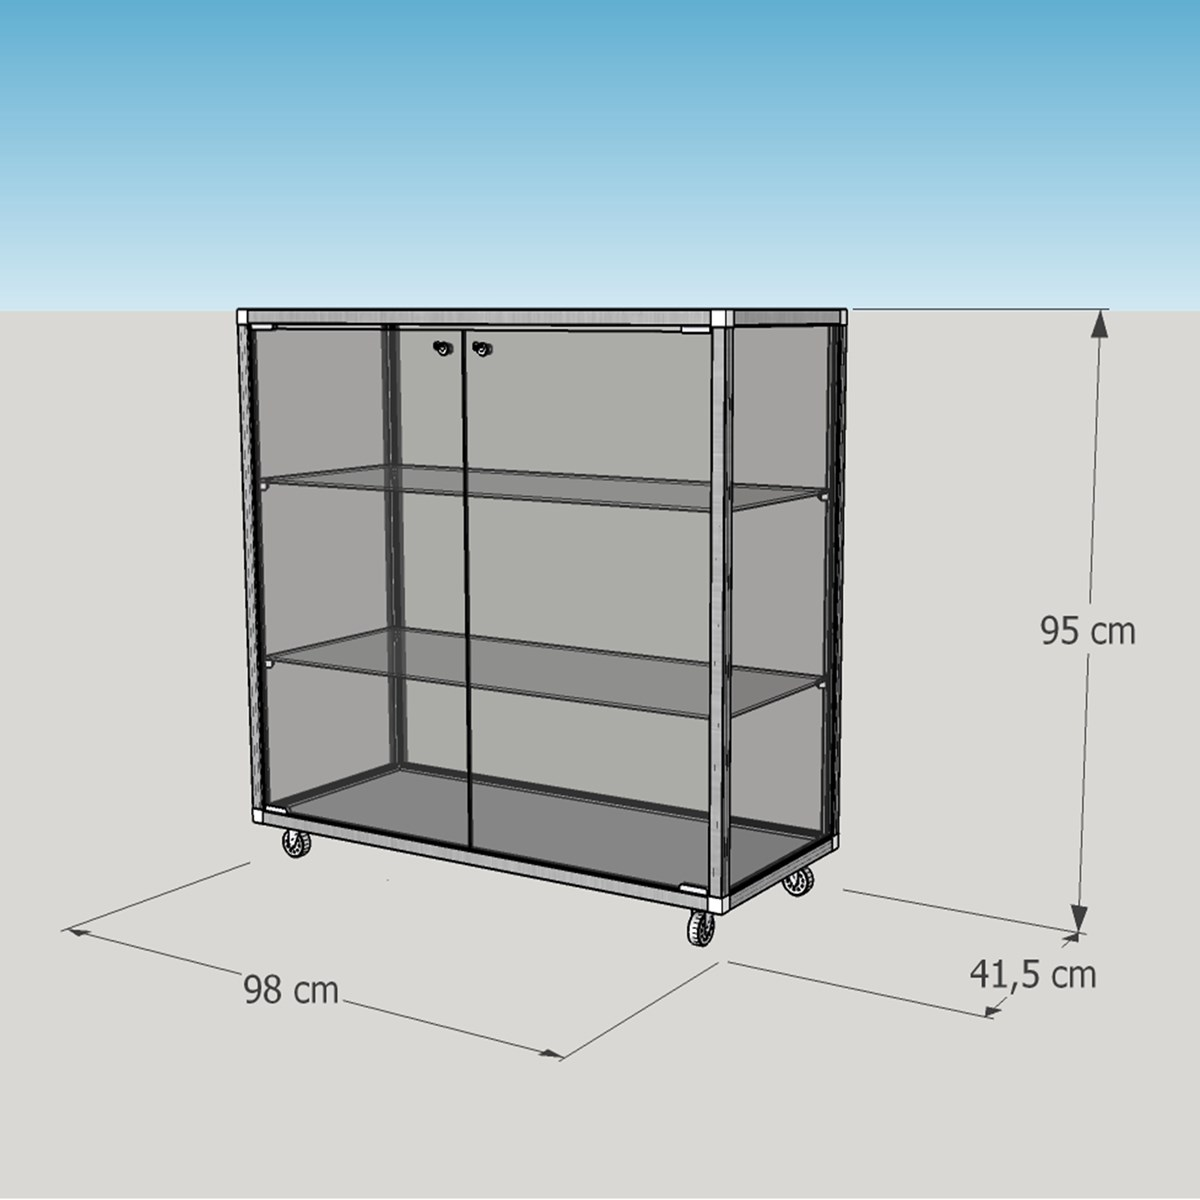 flache thekenvitrine glas abschlie bar led beleuchtung mm comsale. Black Bedroom Furniture Sets. Home Design Ideas